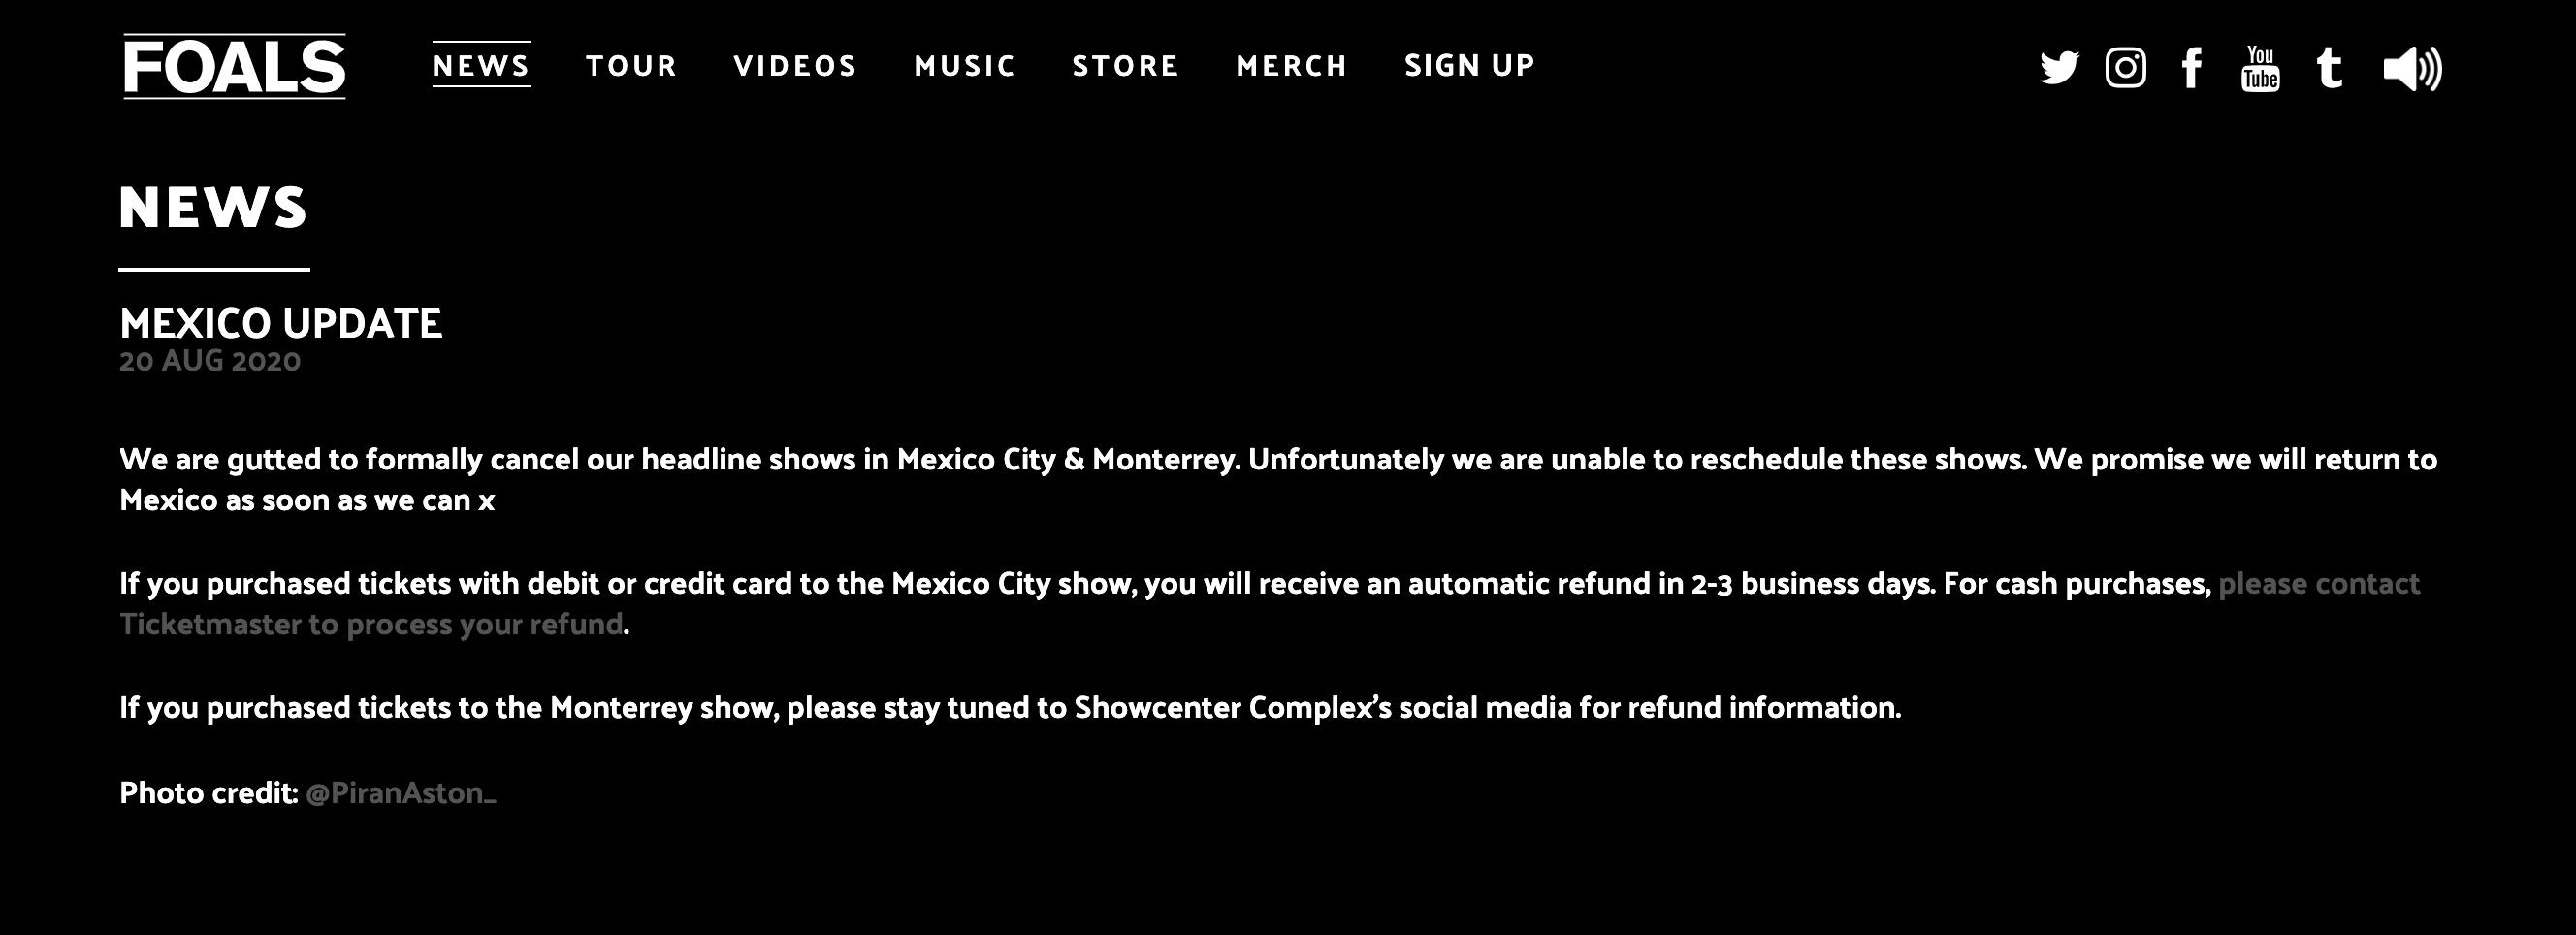 ¿Compraste boleto para ver a Foals en México? Te dejamos la información de tu reembolso